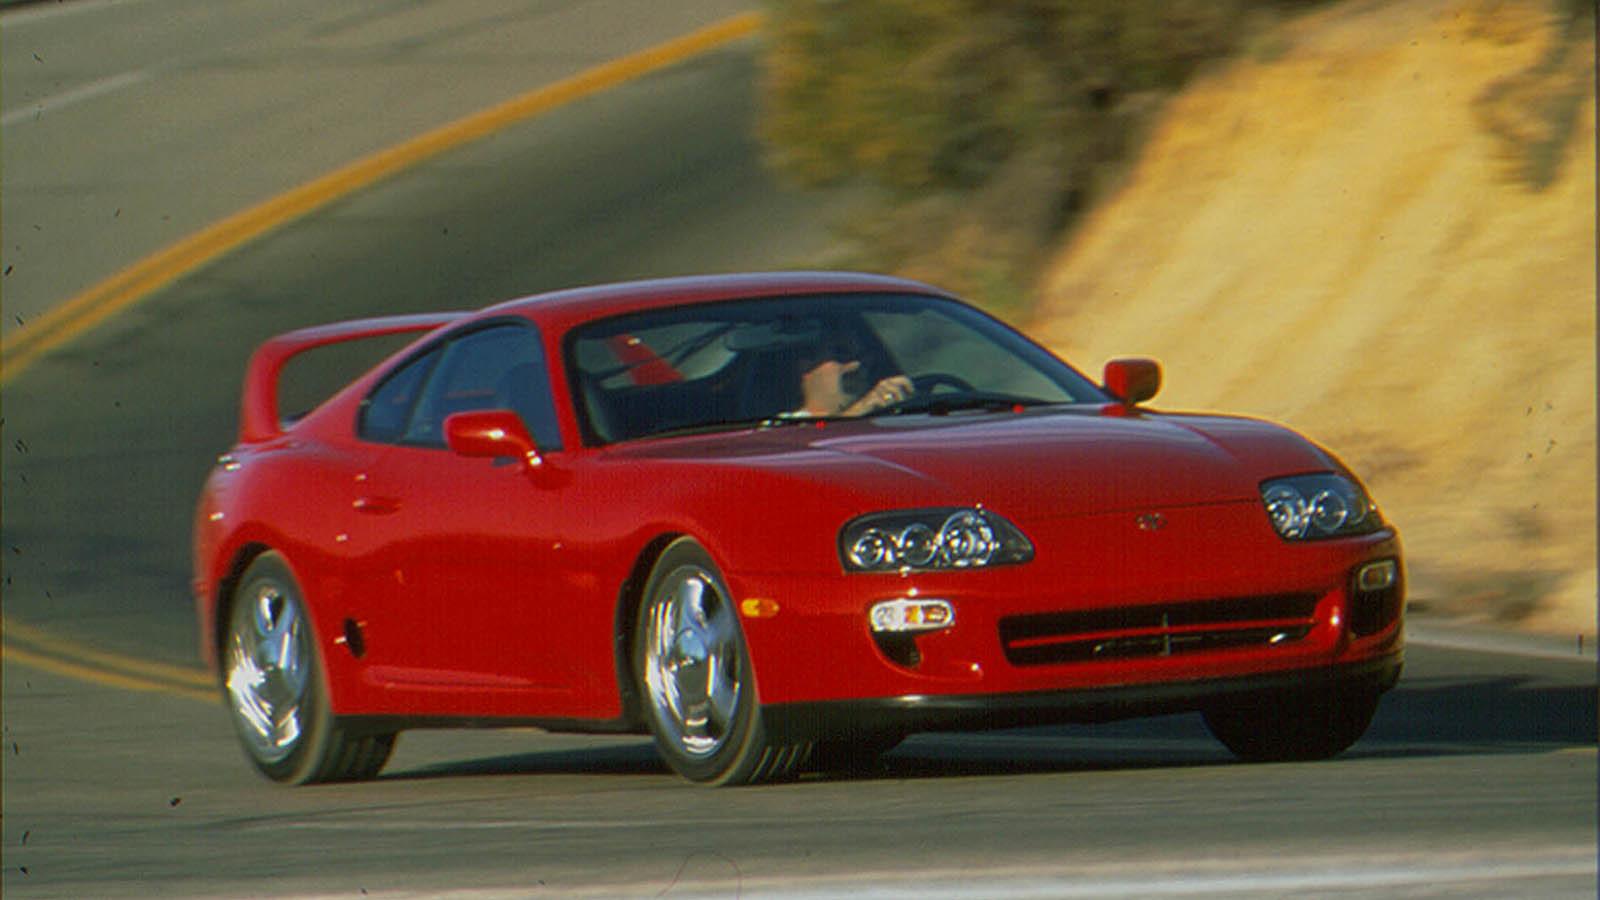 Kekurangan Toyota Supra 2002 Tangguh